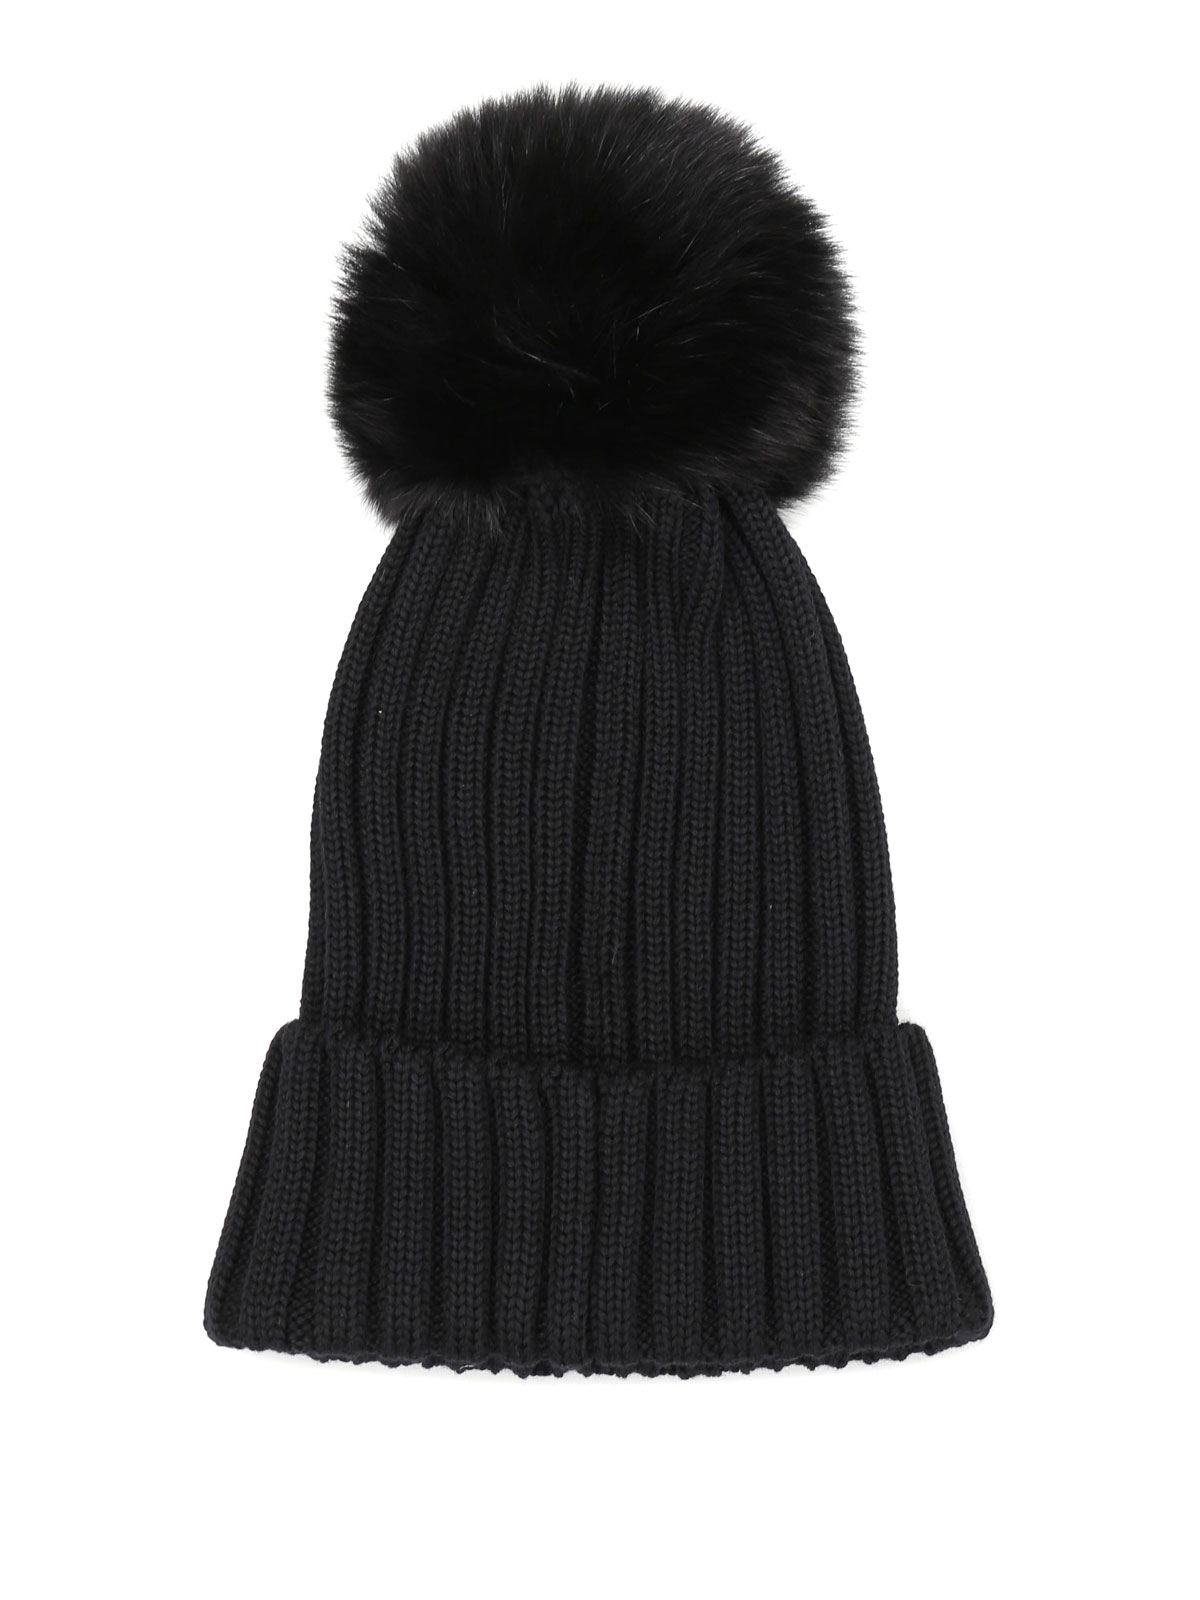 Moncler Bonnet Noir Pour Femme Bonnets B2 093 0021900